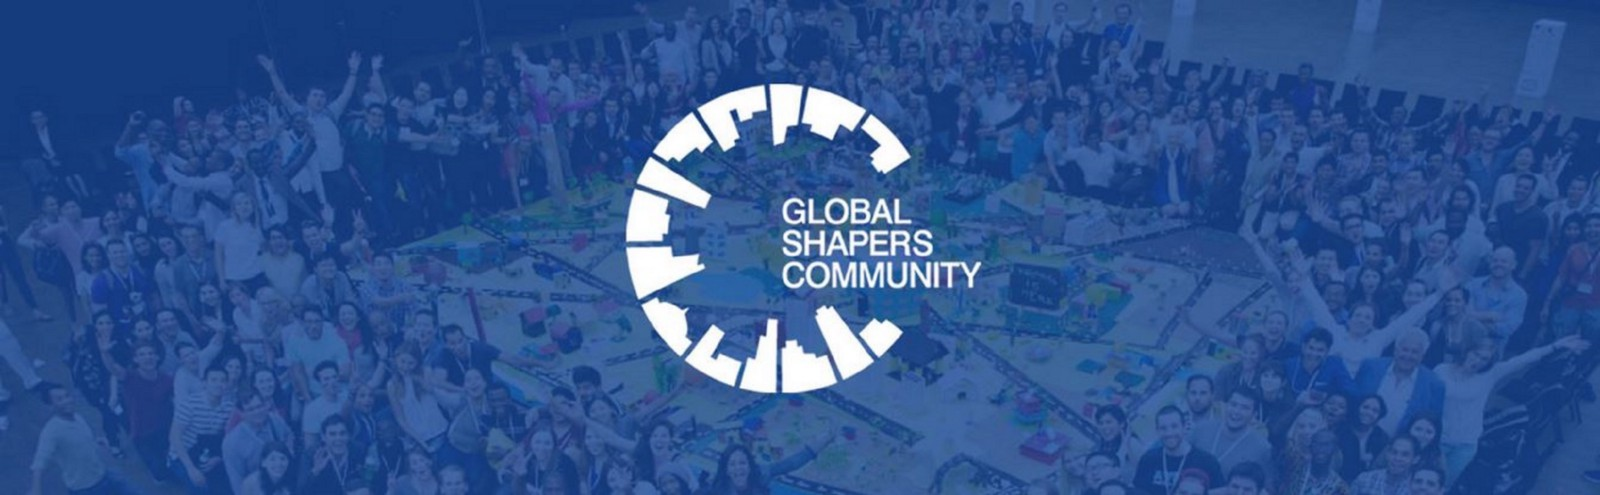 global shapers 2.jpeg